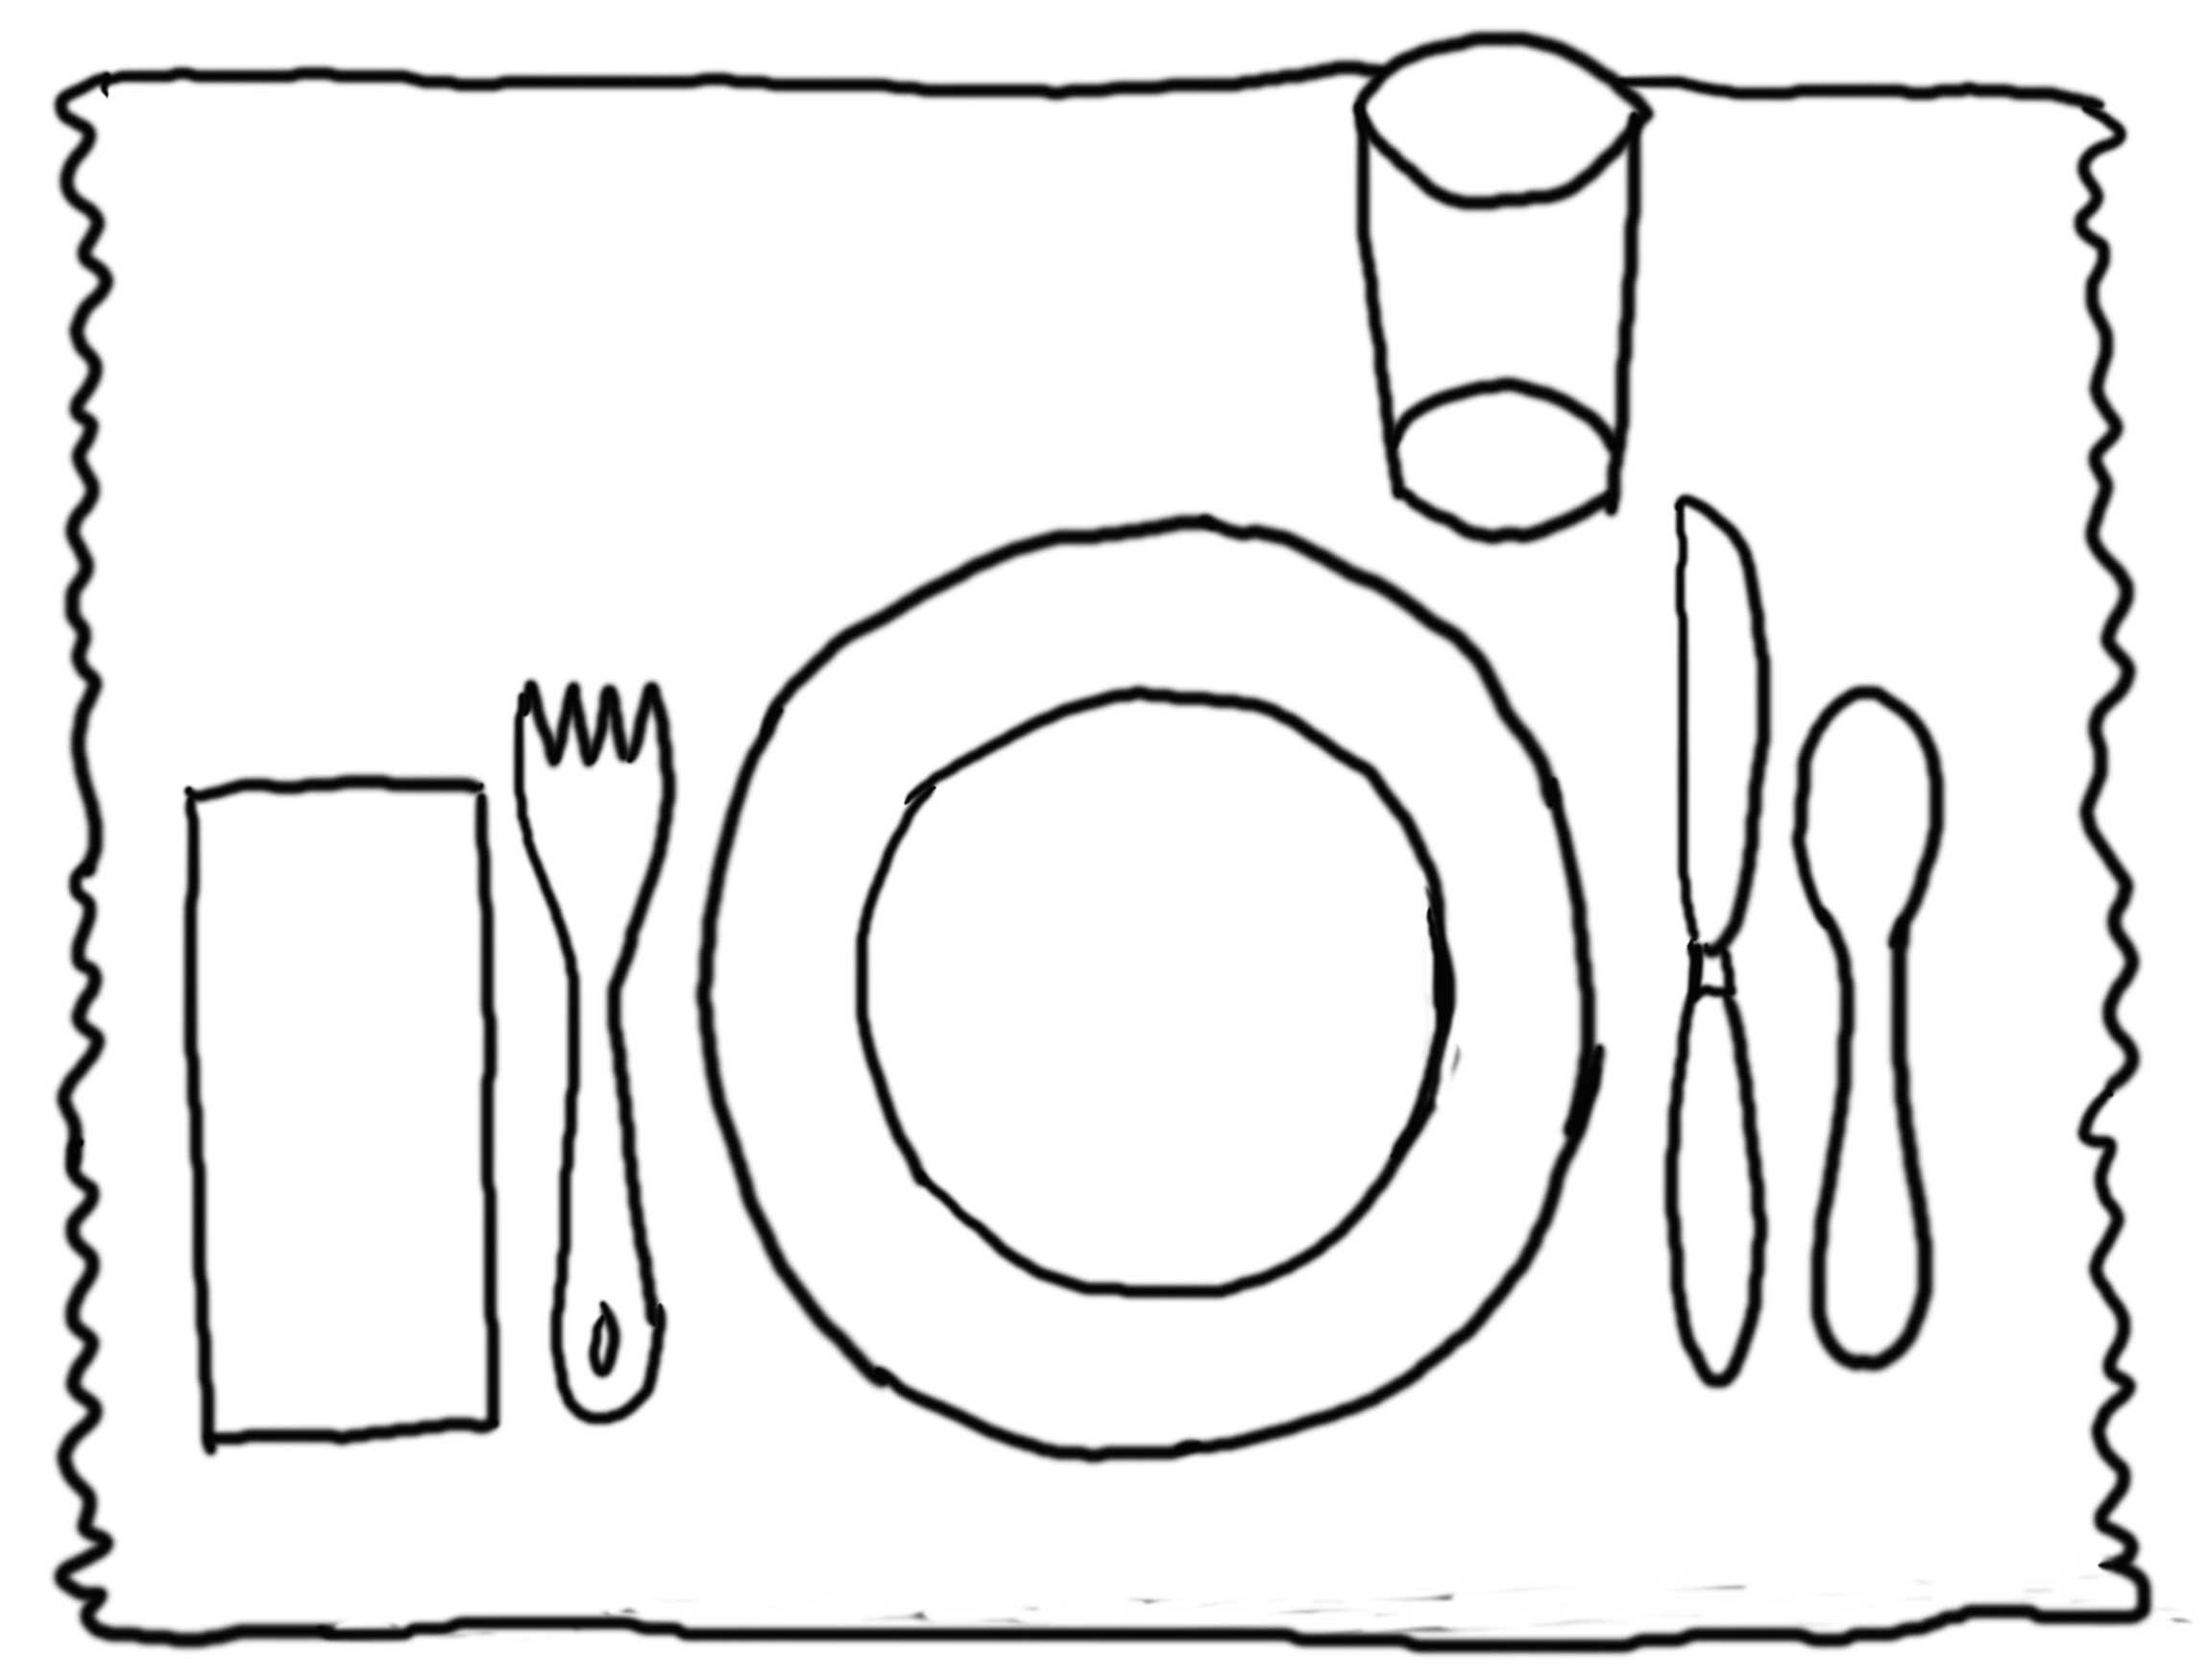 Placemat Clipart